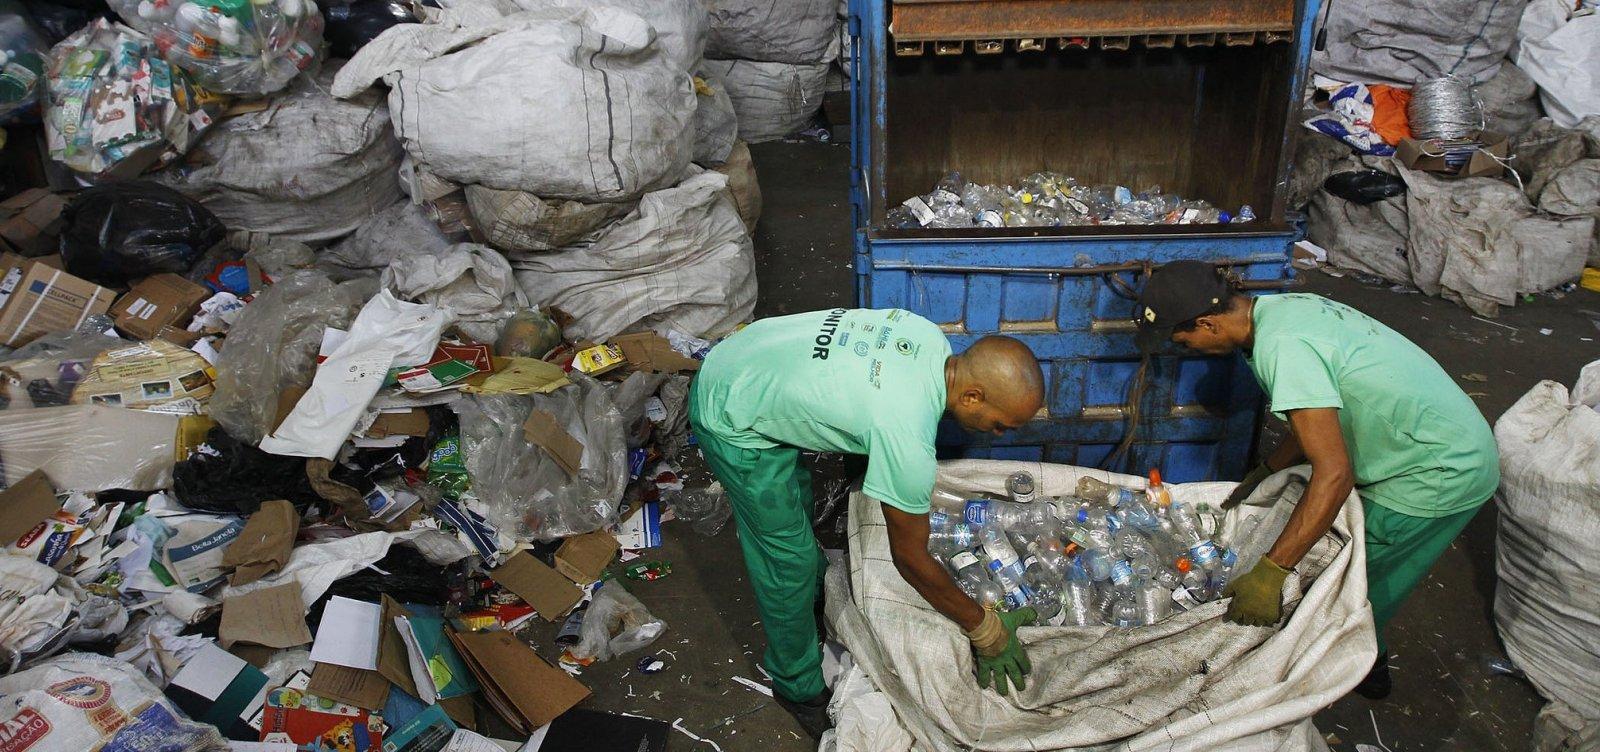 [Quatro em cada 10 brasileiros não separam o lixo, aponta pesquisa Ibope]